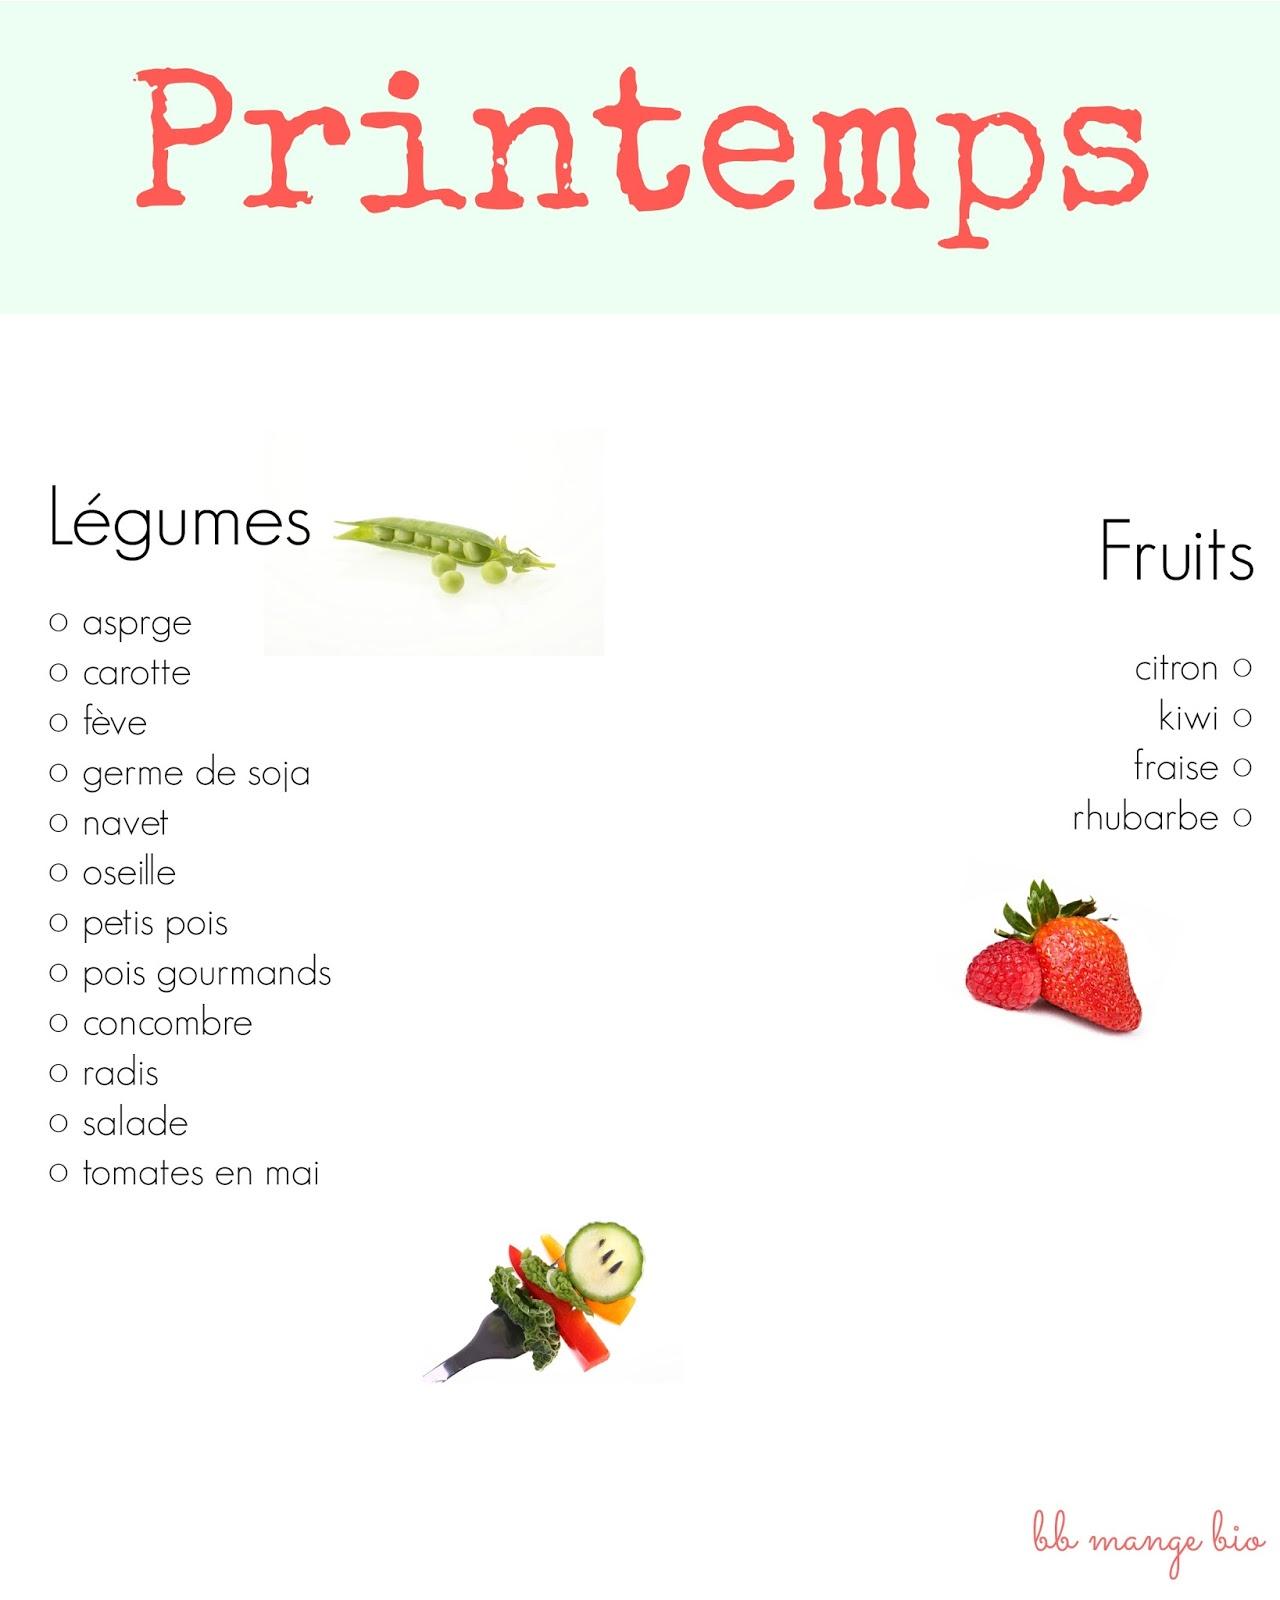 BB mange bio vous donne la liste des fruits et légumes cultivés au printemps en France métropolitaine